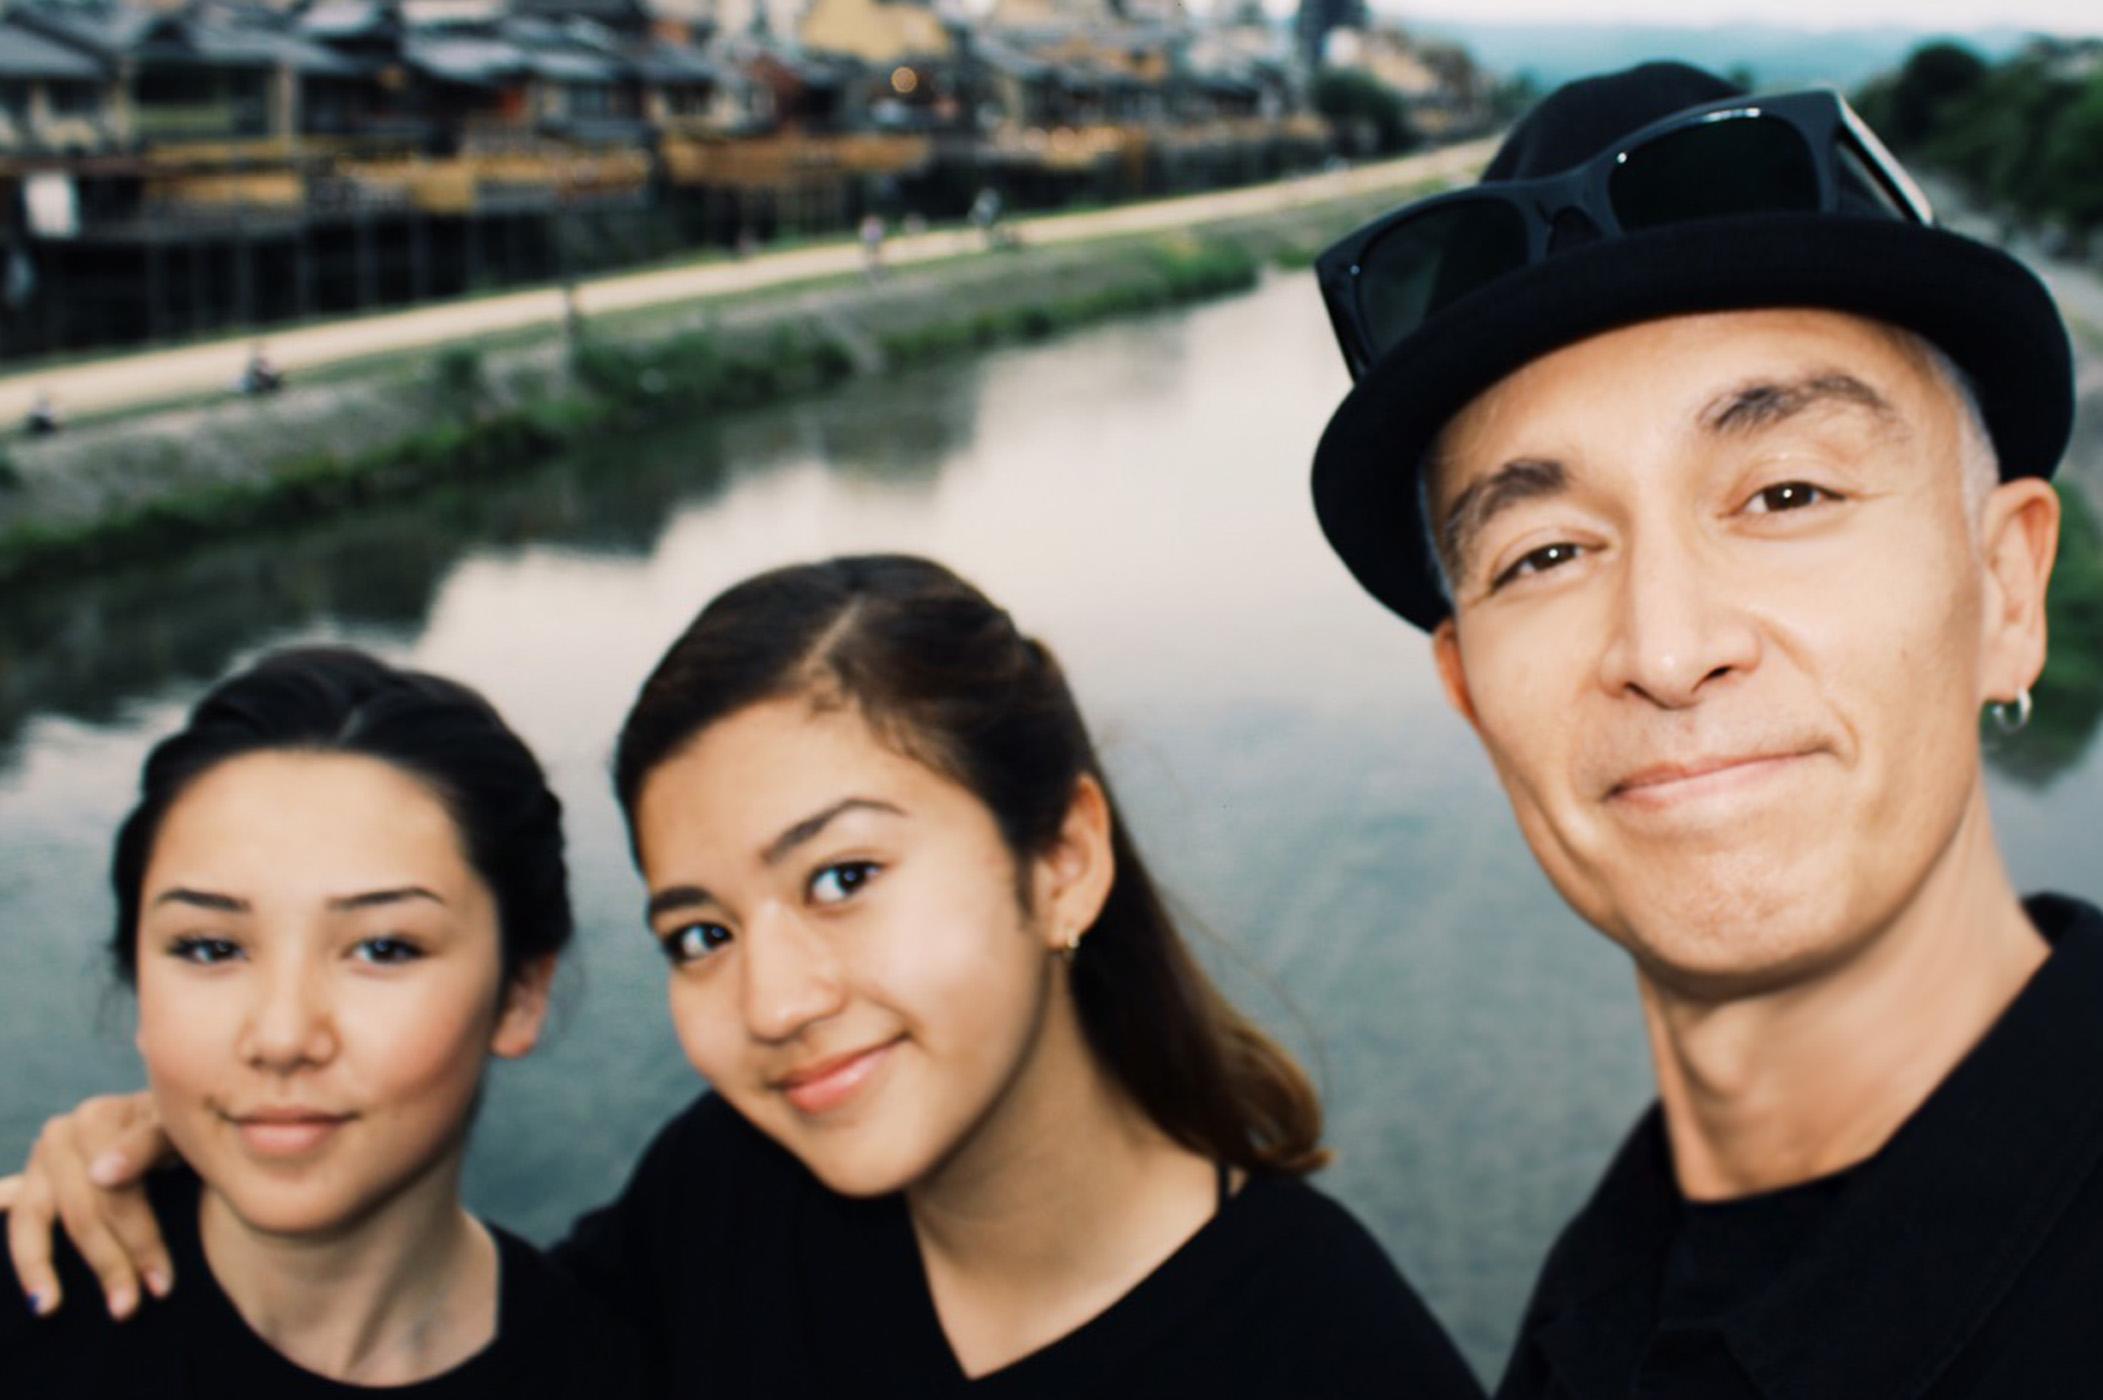 globeマーク・パンサー、愛娘とその親友をフィーチャリングした新曲リリース!3ショットも公開